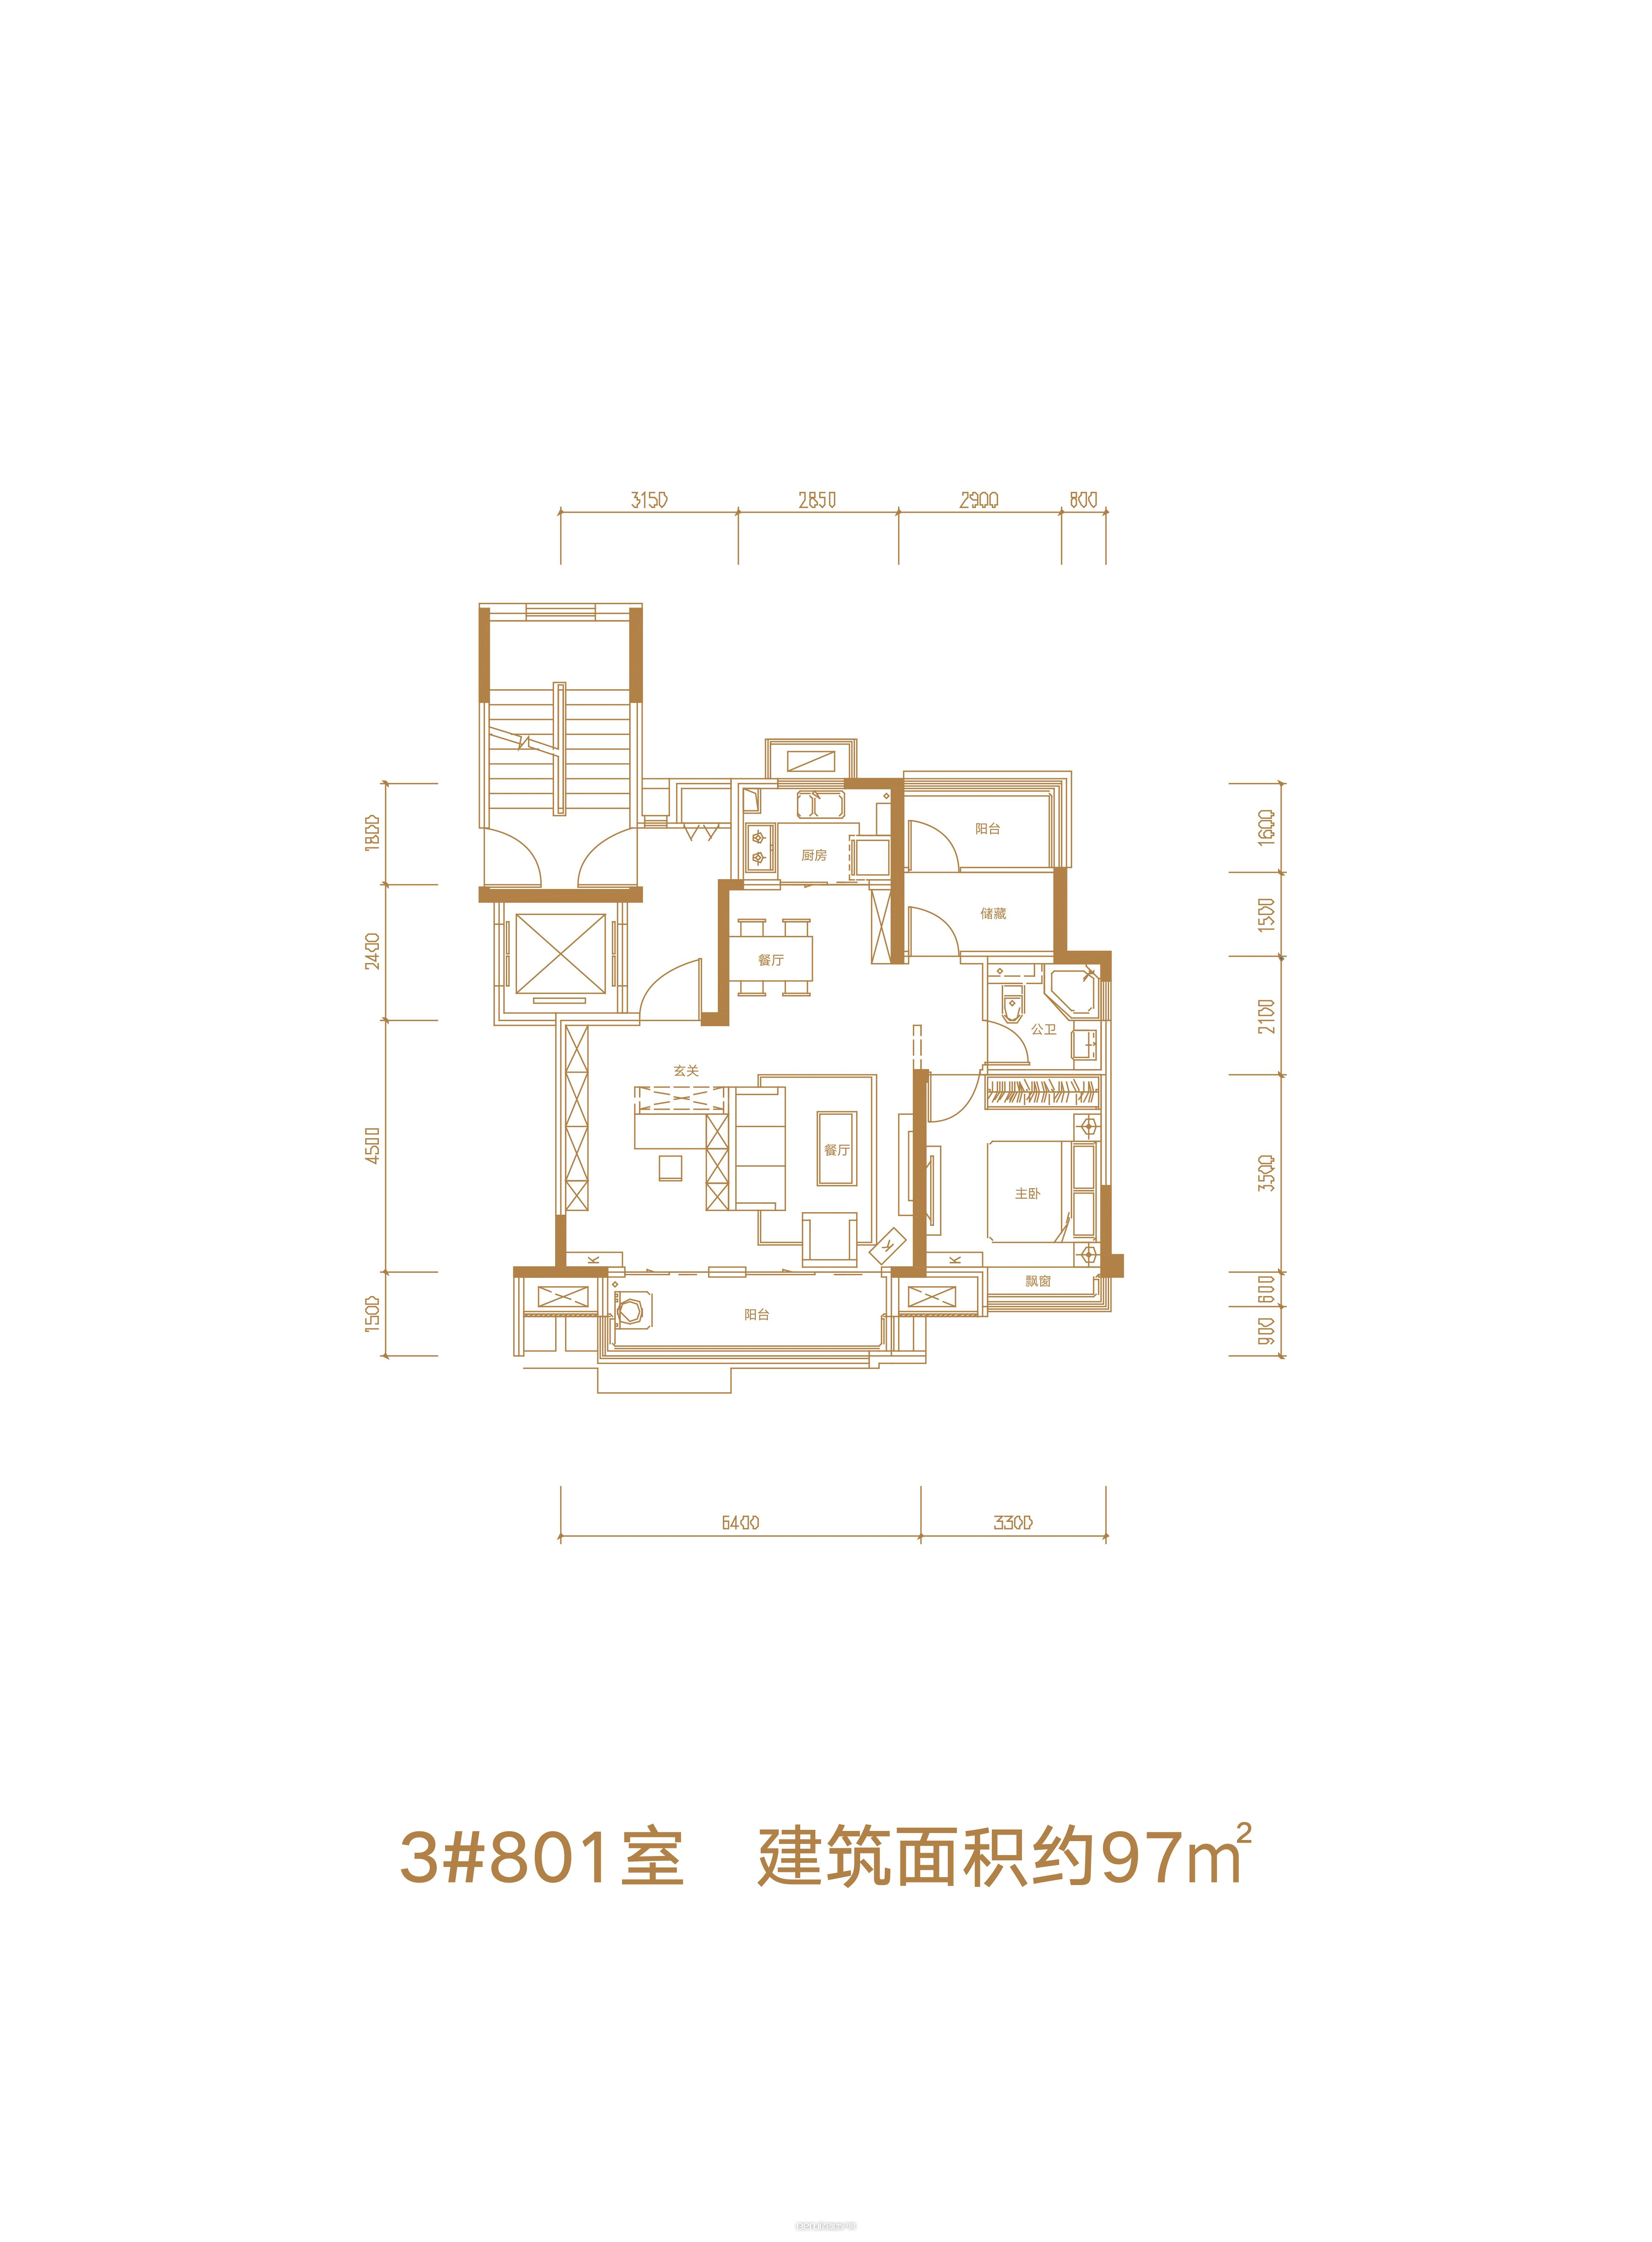 3#801室户型图 97㎡